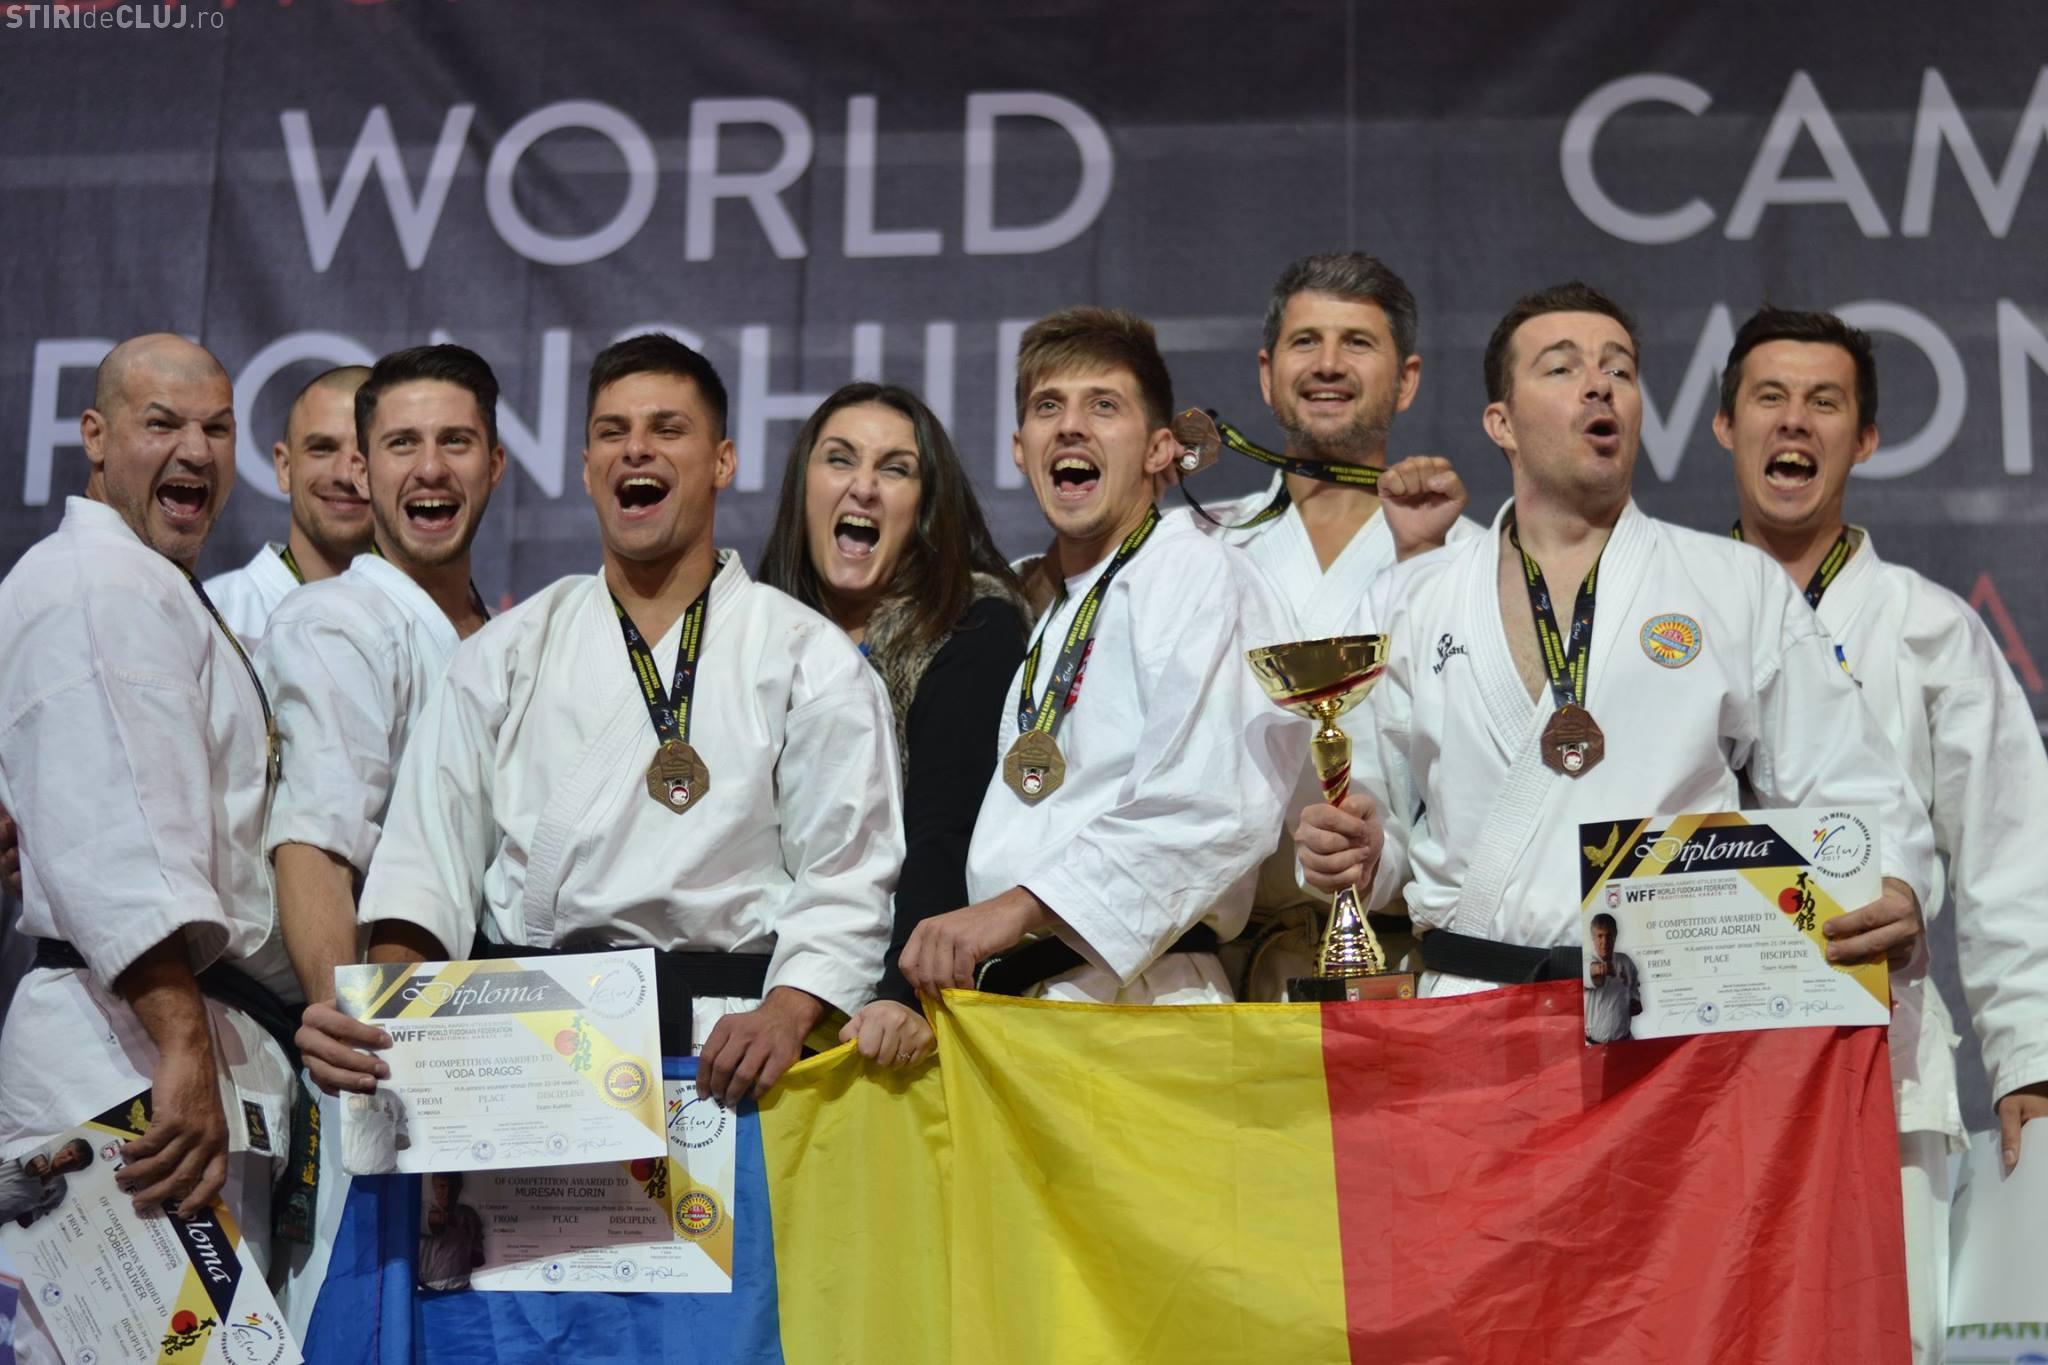 România a păstrat titlul mondial după Campionatul Mondial de Karate Fudokan Cluj 2017 - FOTO